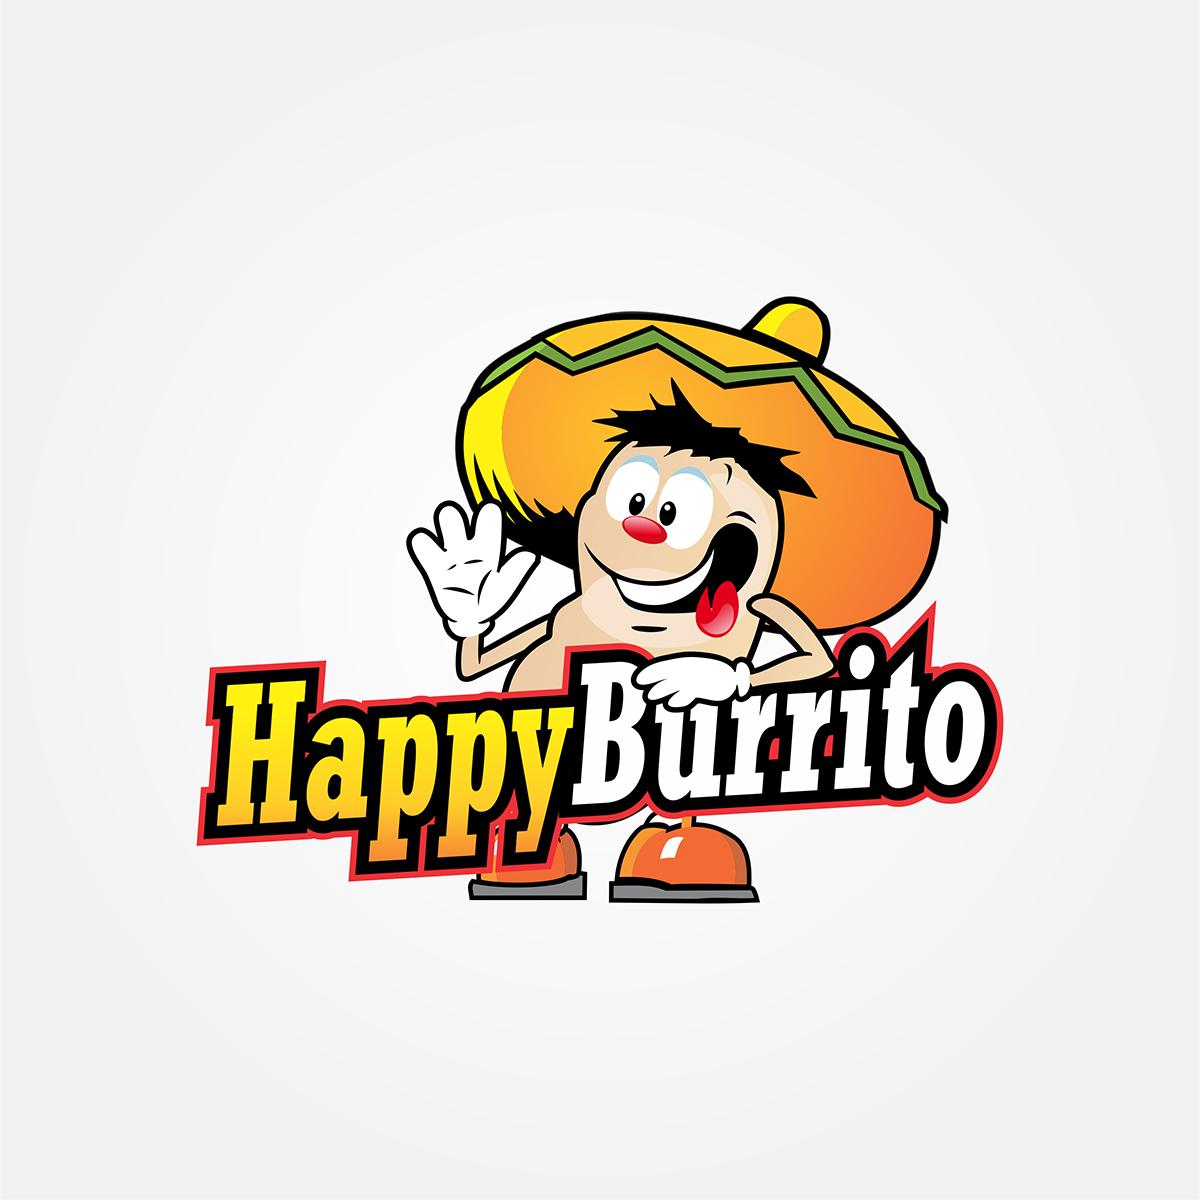 Wire b graphics graphic. Burrito clipart happy